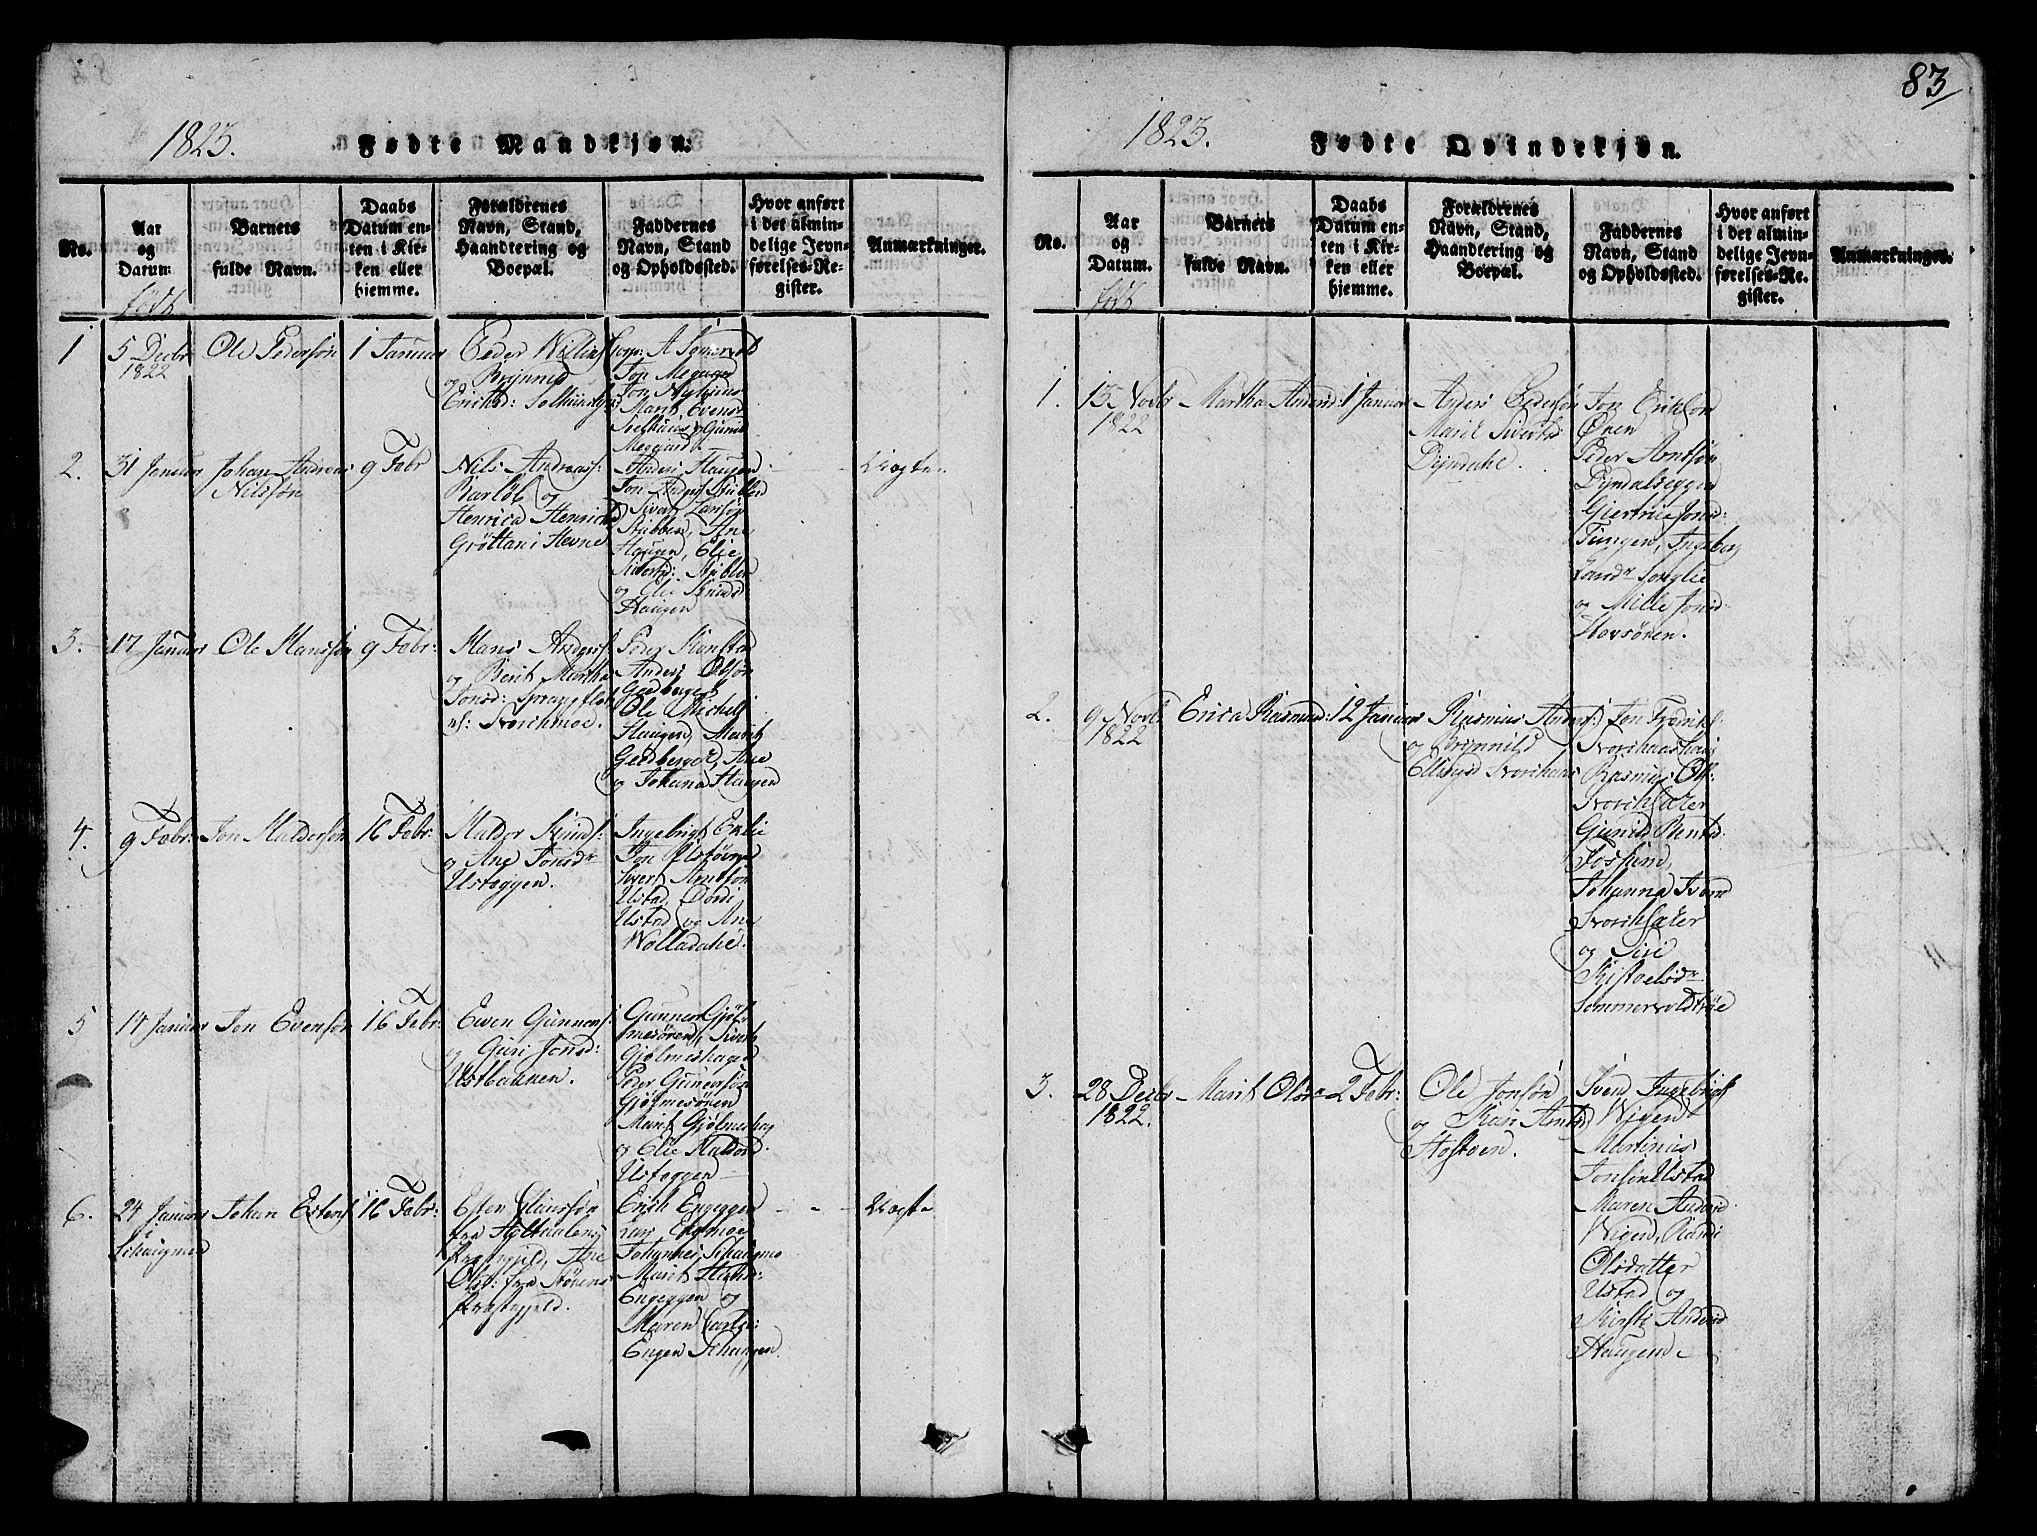 SAT, Ministerialprotokoller, klokkerbøker og fødselsregistre - Sør-Trøndelag, 668/L0803: Ministerialbok nr. 668A03, 1800-1826, s. 83